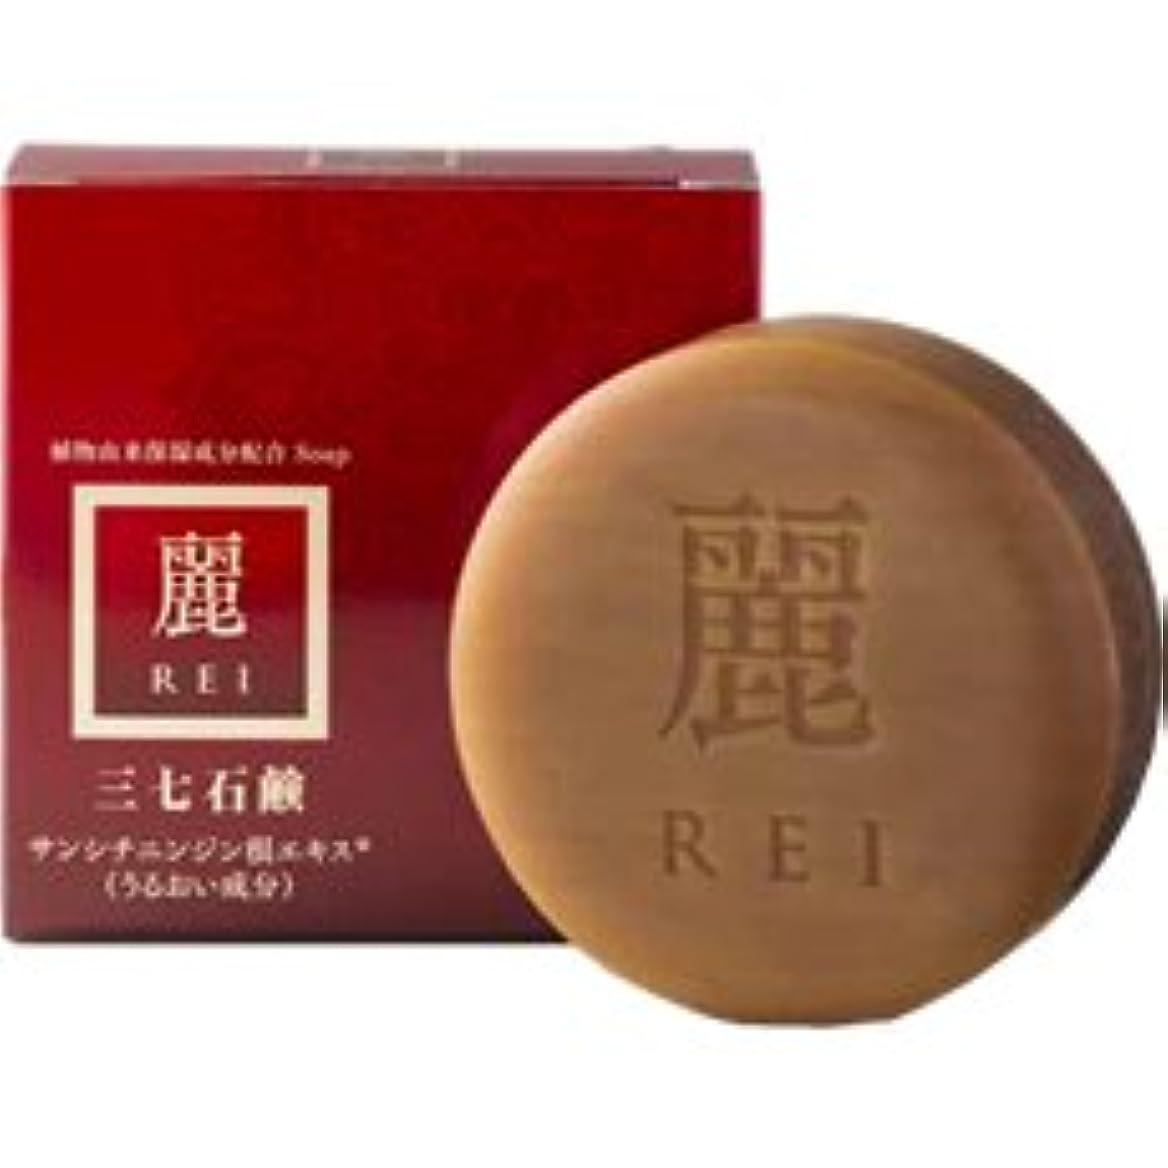 ウナギ差し控える変化する三七石鹸 麗(れい) 100g